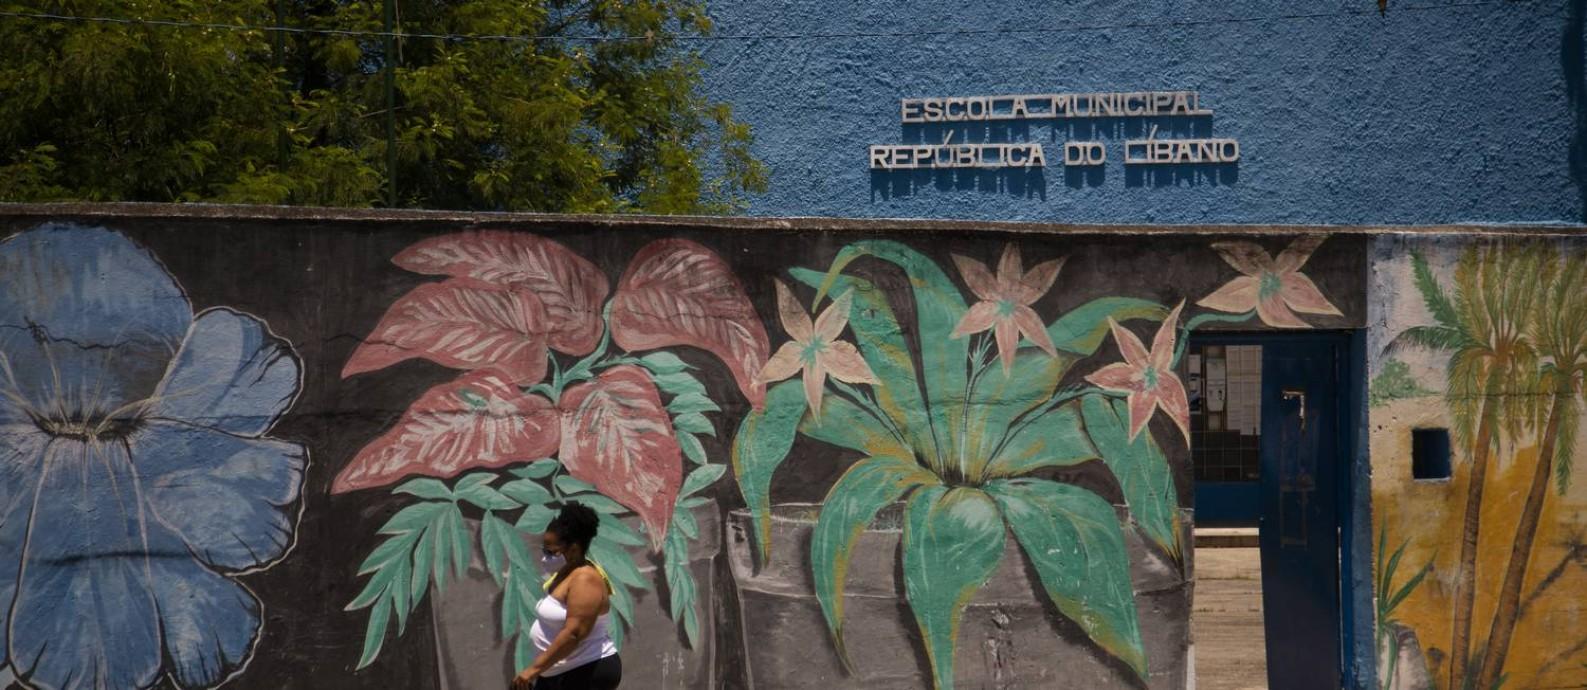 O muro com pintura de flores da Escola Municipal República do Líbano, em Vigário Geral, não ameniza dificuldades dos alunos: no colégio com um dos piores resultados no Ideb, estudantes e vizinhos relatam ameaças Foto: Gabriel Monteiro / Agência O Globo